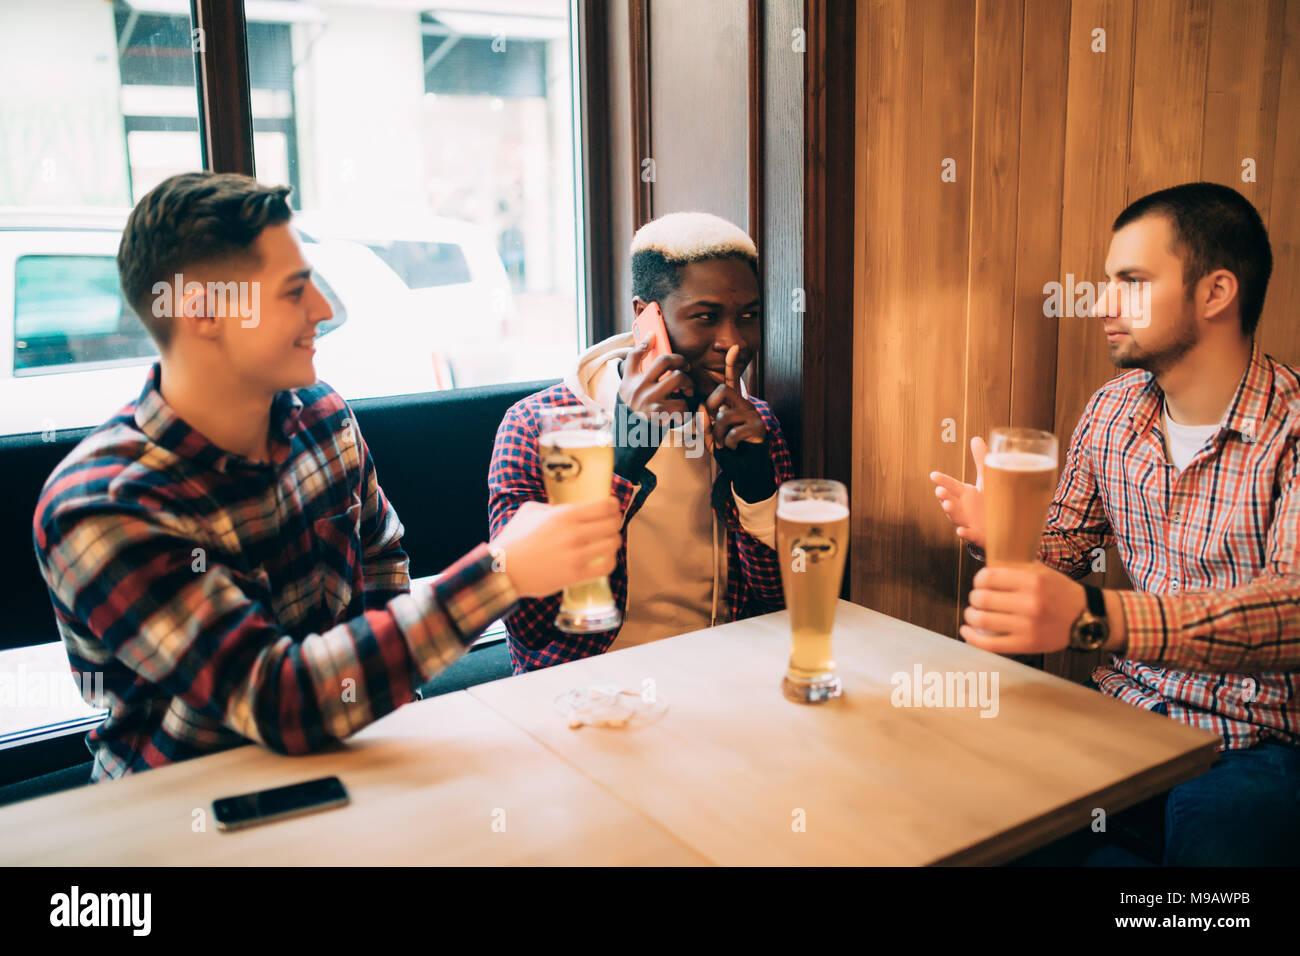 Deux hommes amis dans le bar sont la consommation de bière et de communiquer alors que l'on parle sur le téléphone et demander de garder le silence. Photo Stock